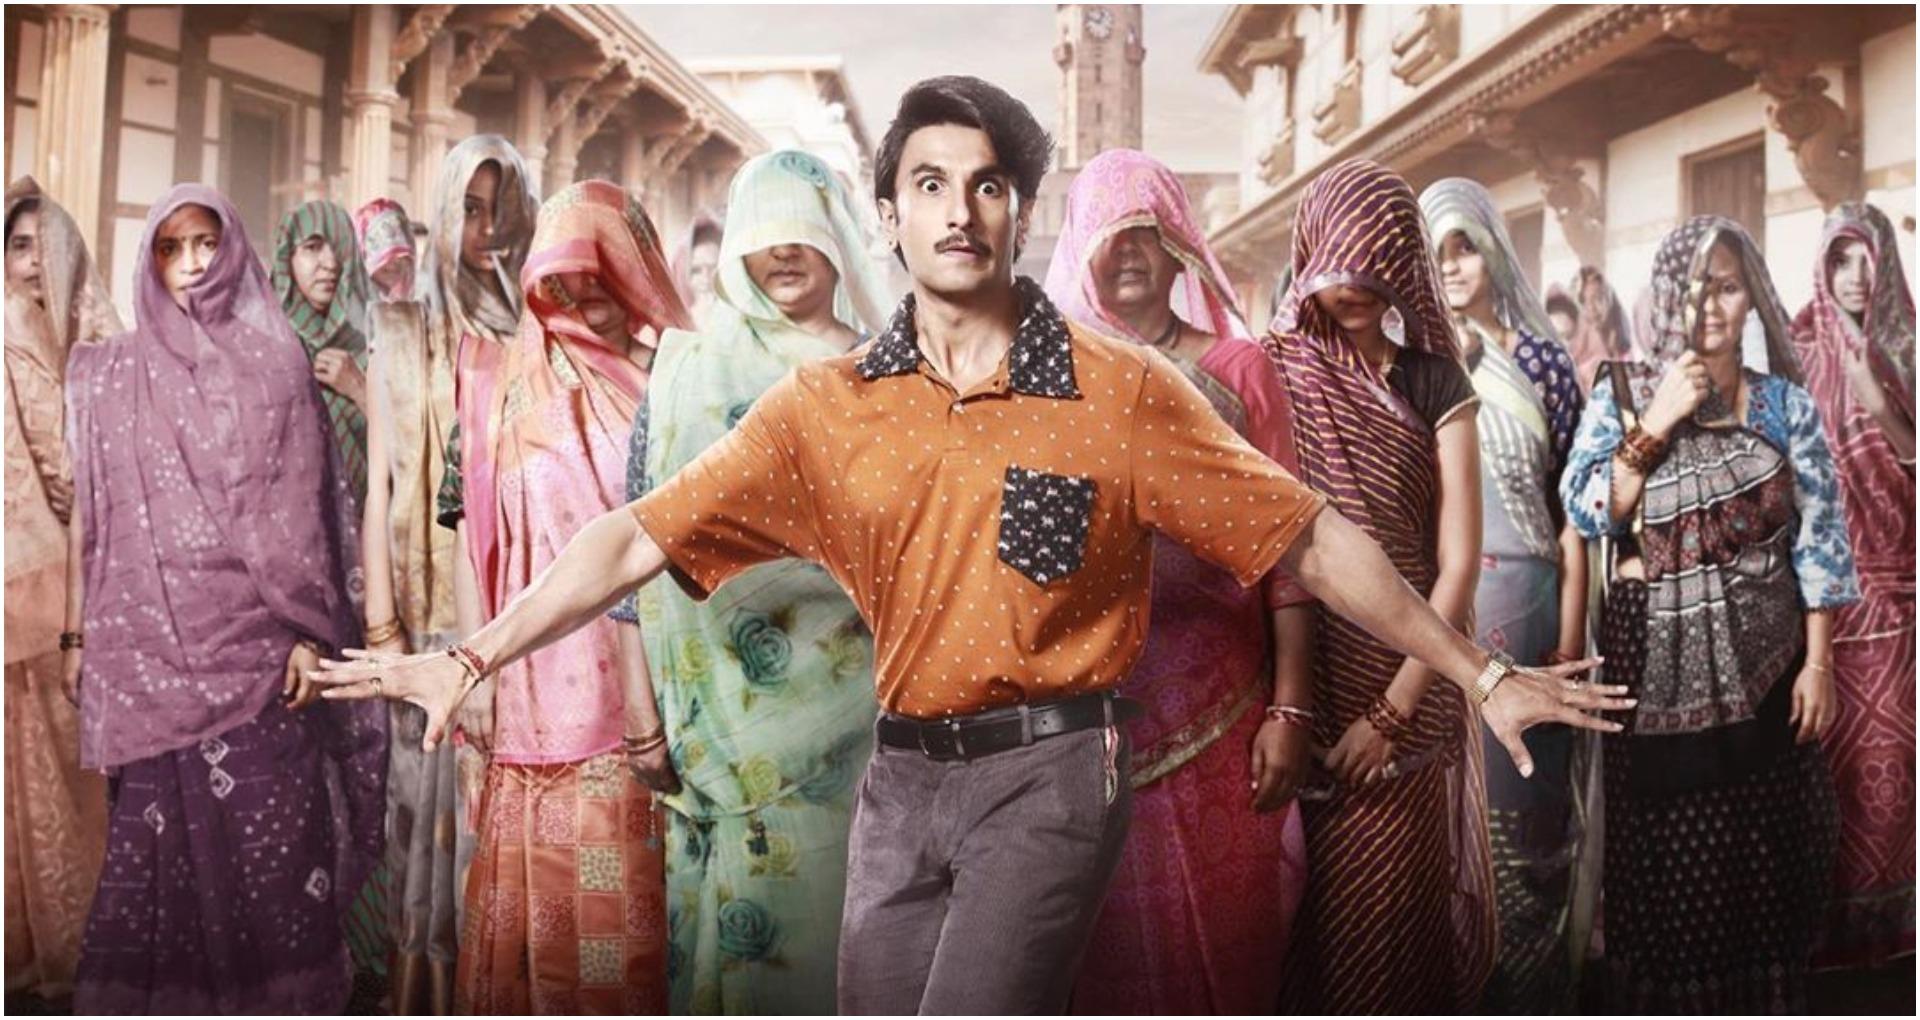 रणवीर सिंह की फिल्म 'जयेशभाई जोरदार' का पहला लुक वायरल, गुजराती लड़कियों से घिरे दिखे अभिनेता